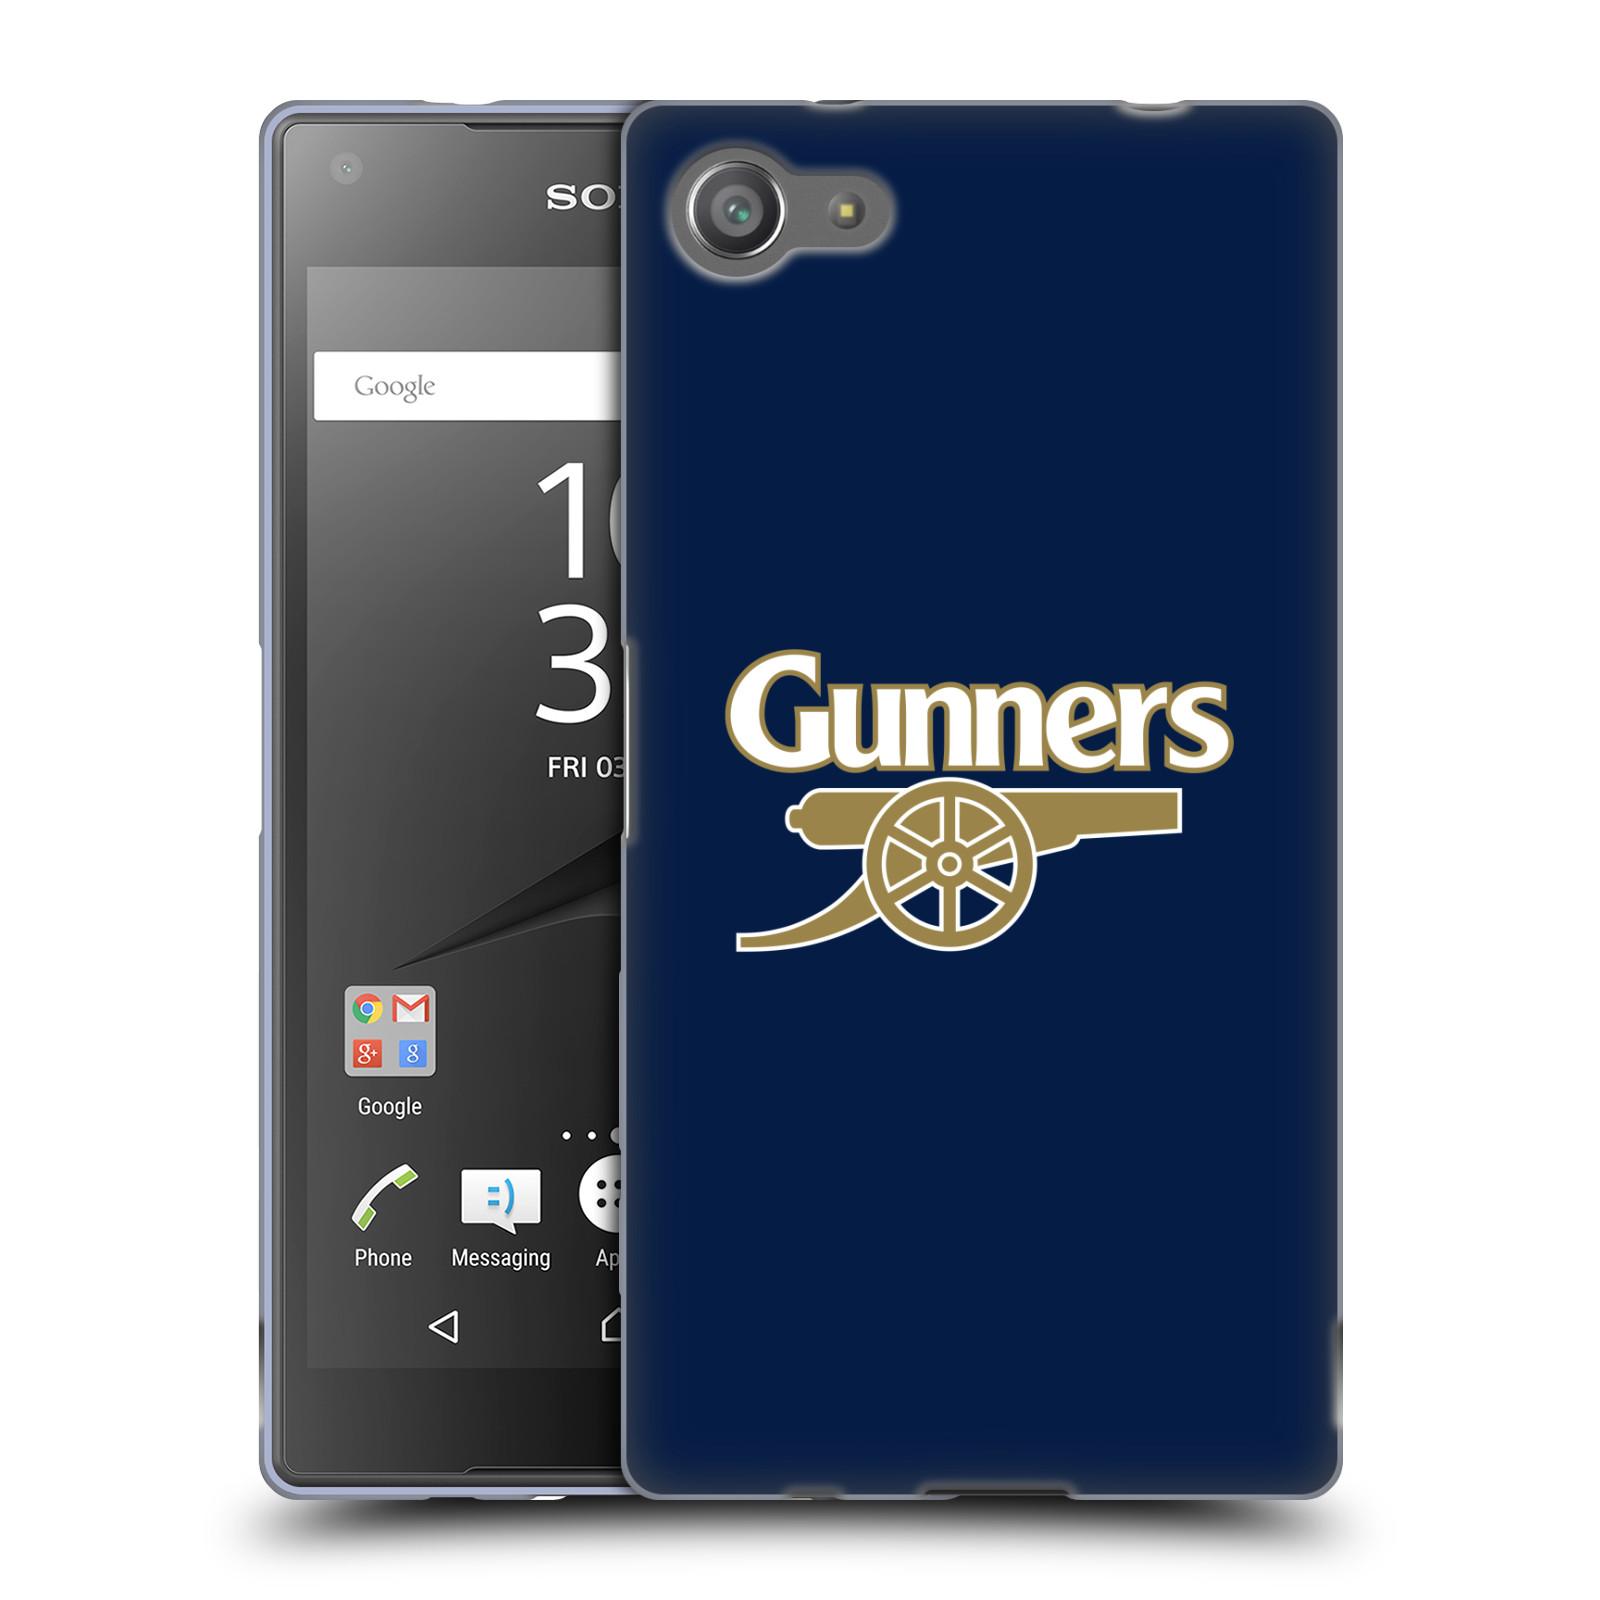 Silikonové pouzdro na mobil Sony Xperia Z5 Compact - Head Case - Arsenal FC - Gunners